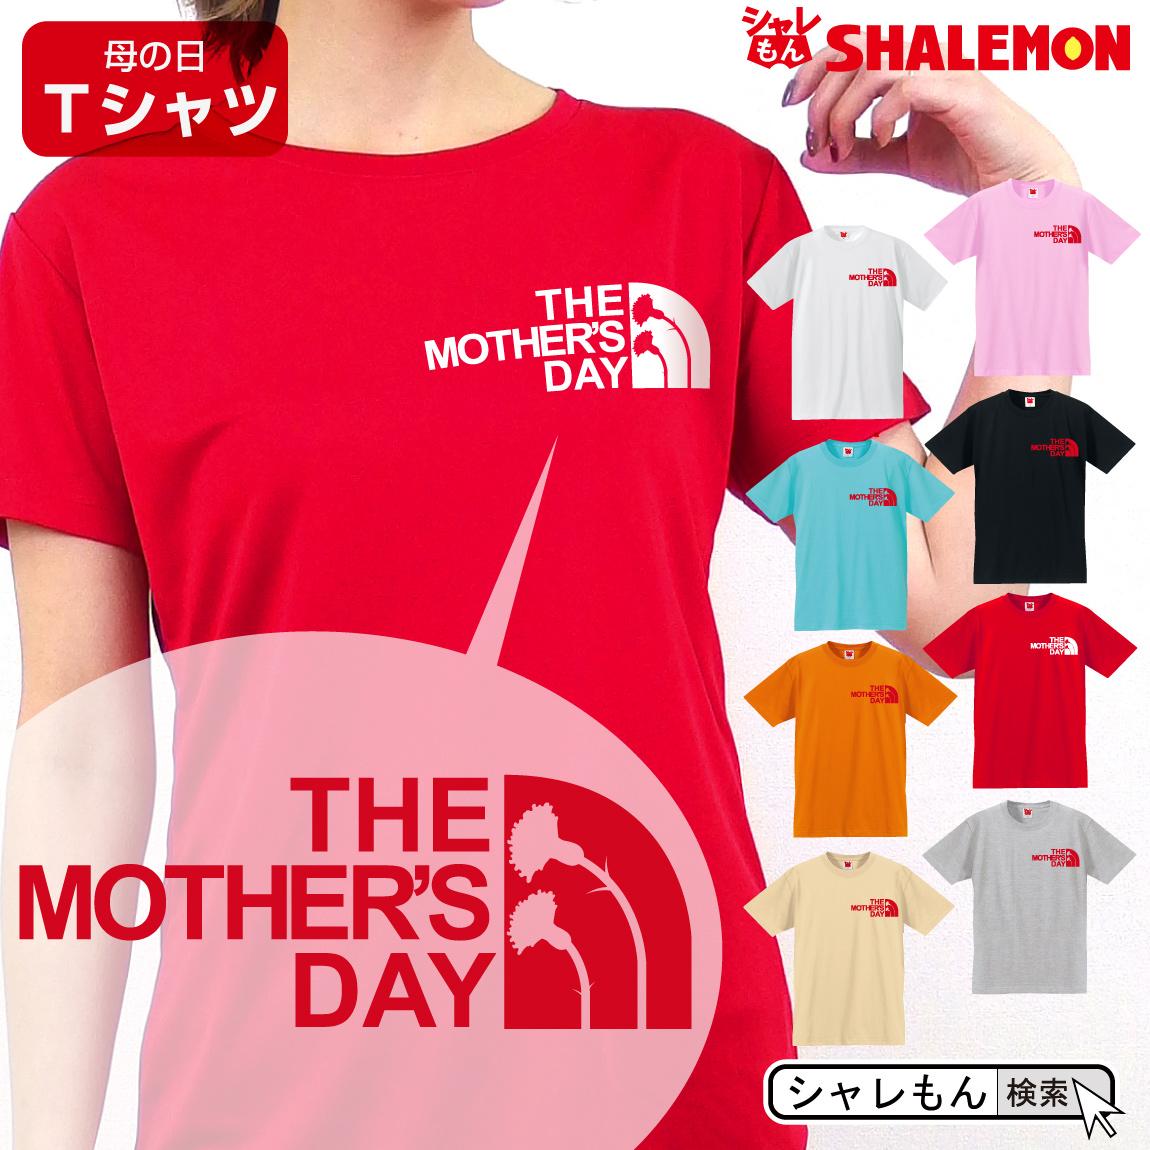 母の日 ギフト お祝い 女性 tシャツ 【 Tシャツ 】【 mother's face 】【 選べる8カラー 】 花 母親 カーネーション 花束 バラ スイーツ チャーム リング ピアス おしゃれ ママ キッチン しゃれもん